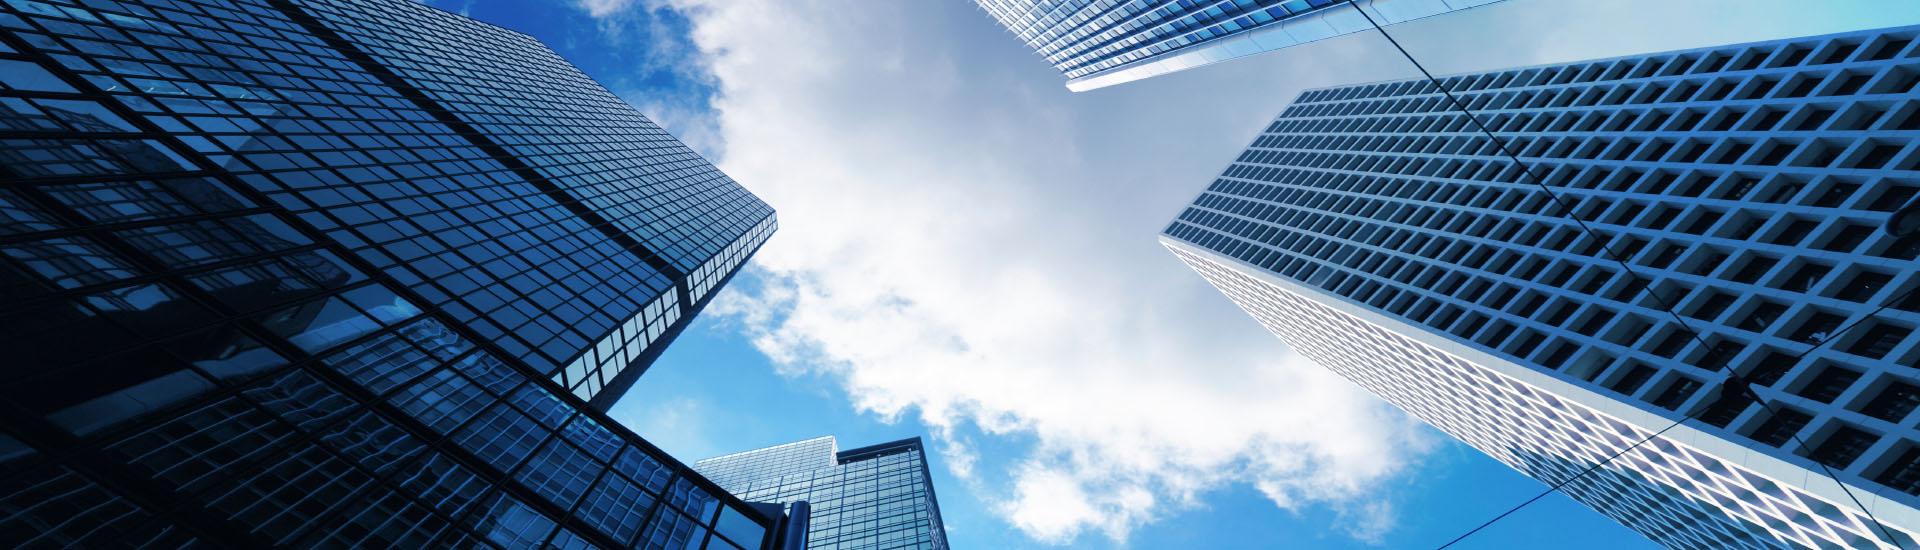 Edificios-Buildings